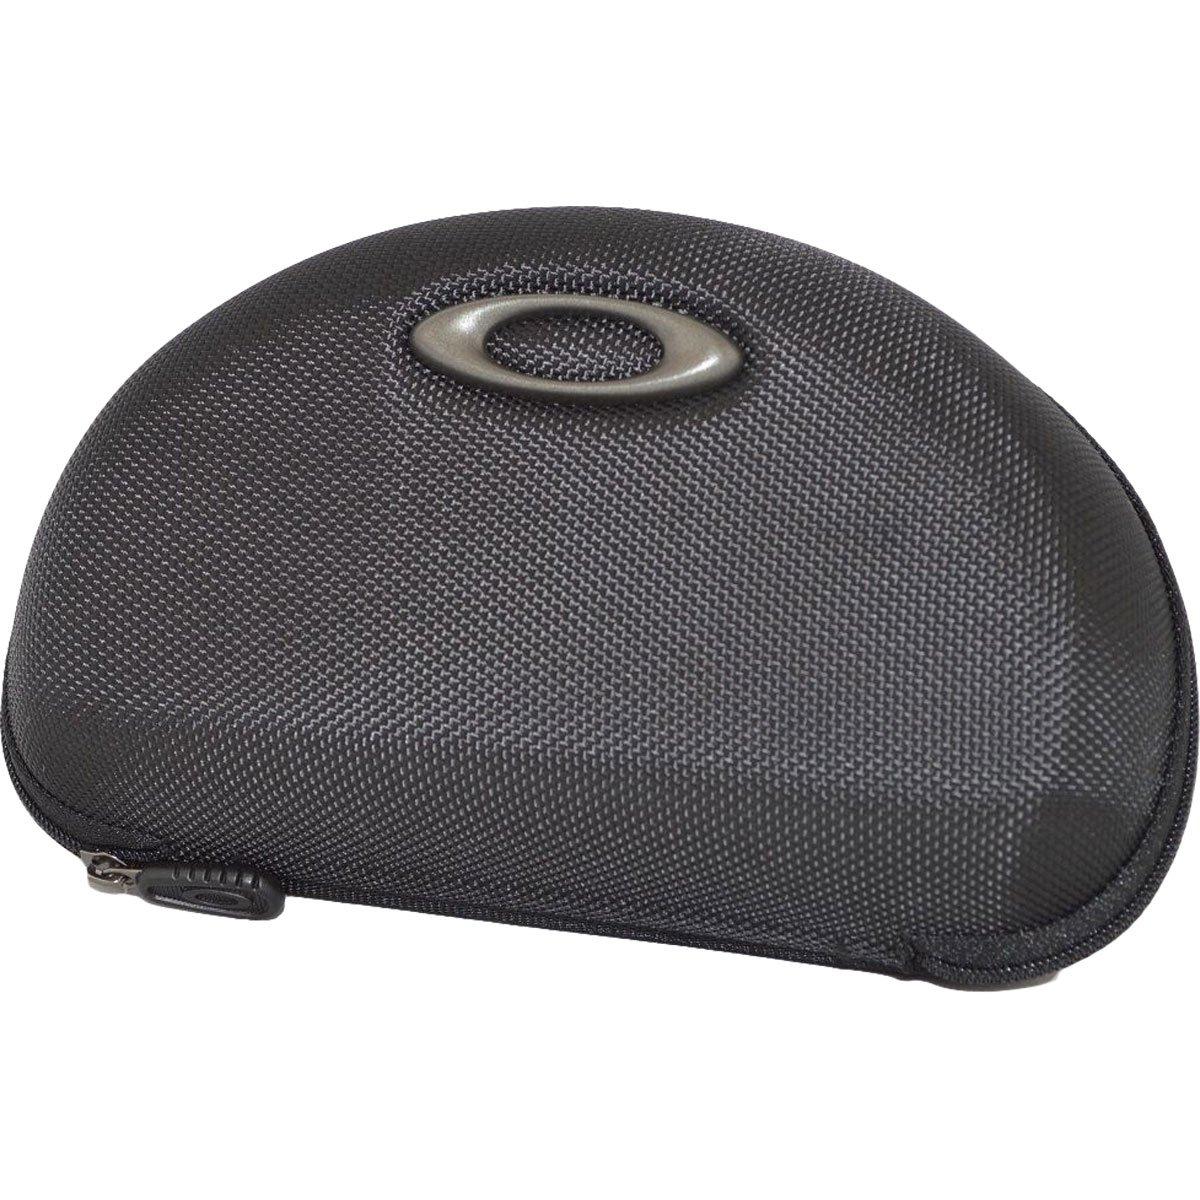 Oakley Jawbreaker Soft Array Case Sunglass Accessories - Black/One Size by Oakley